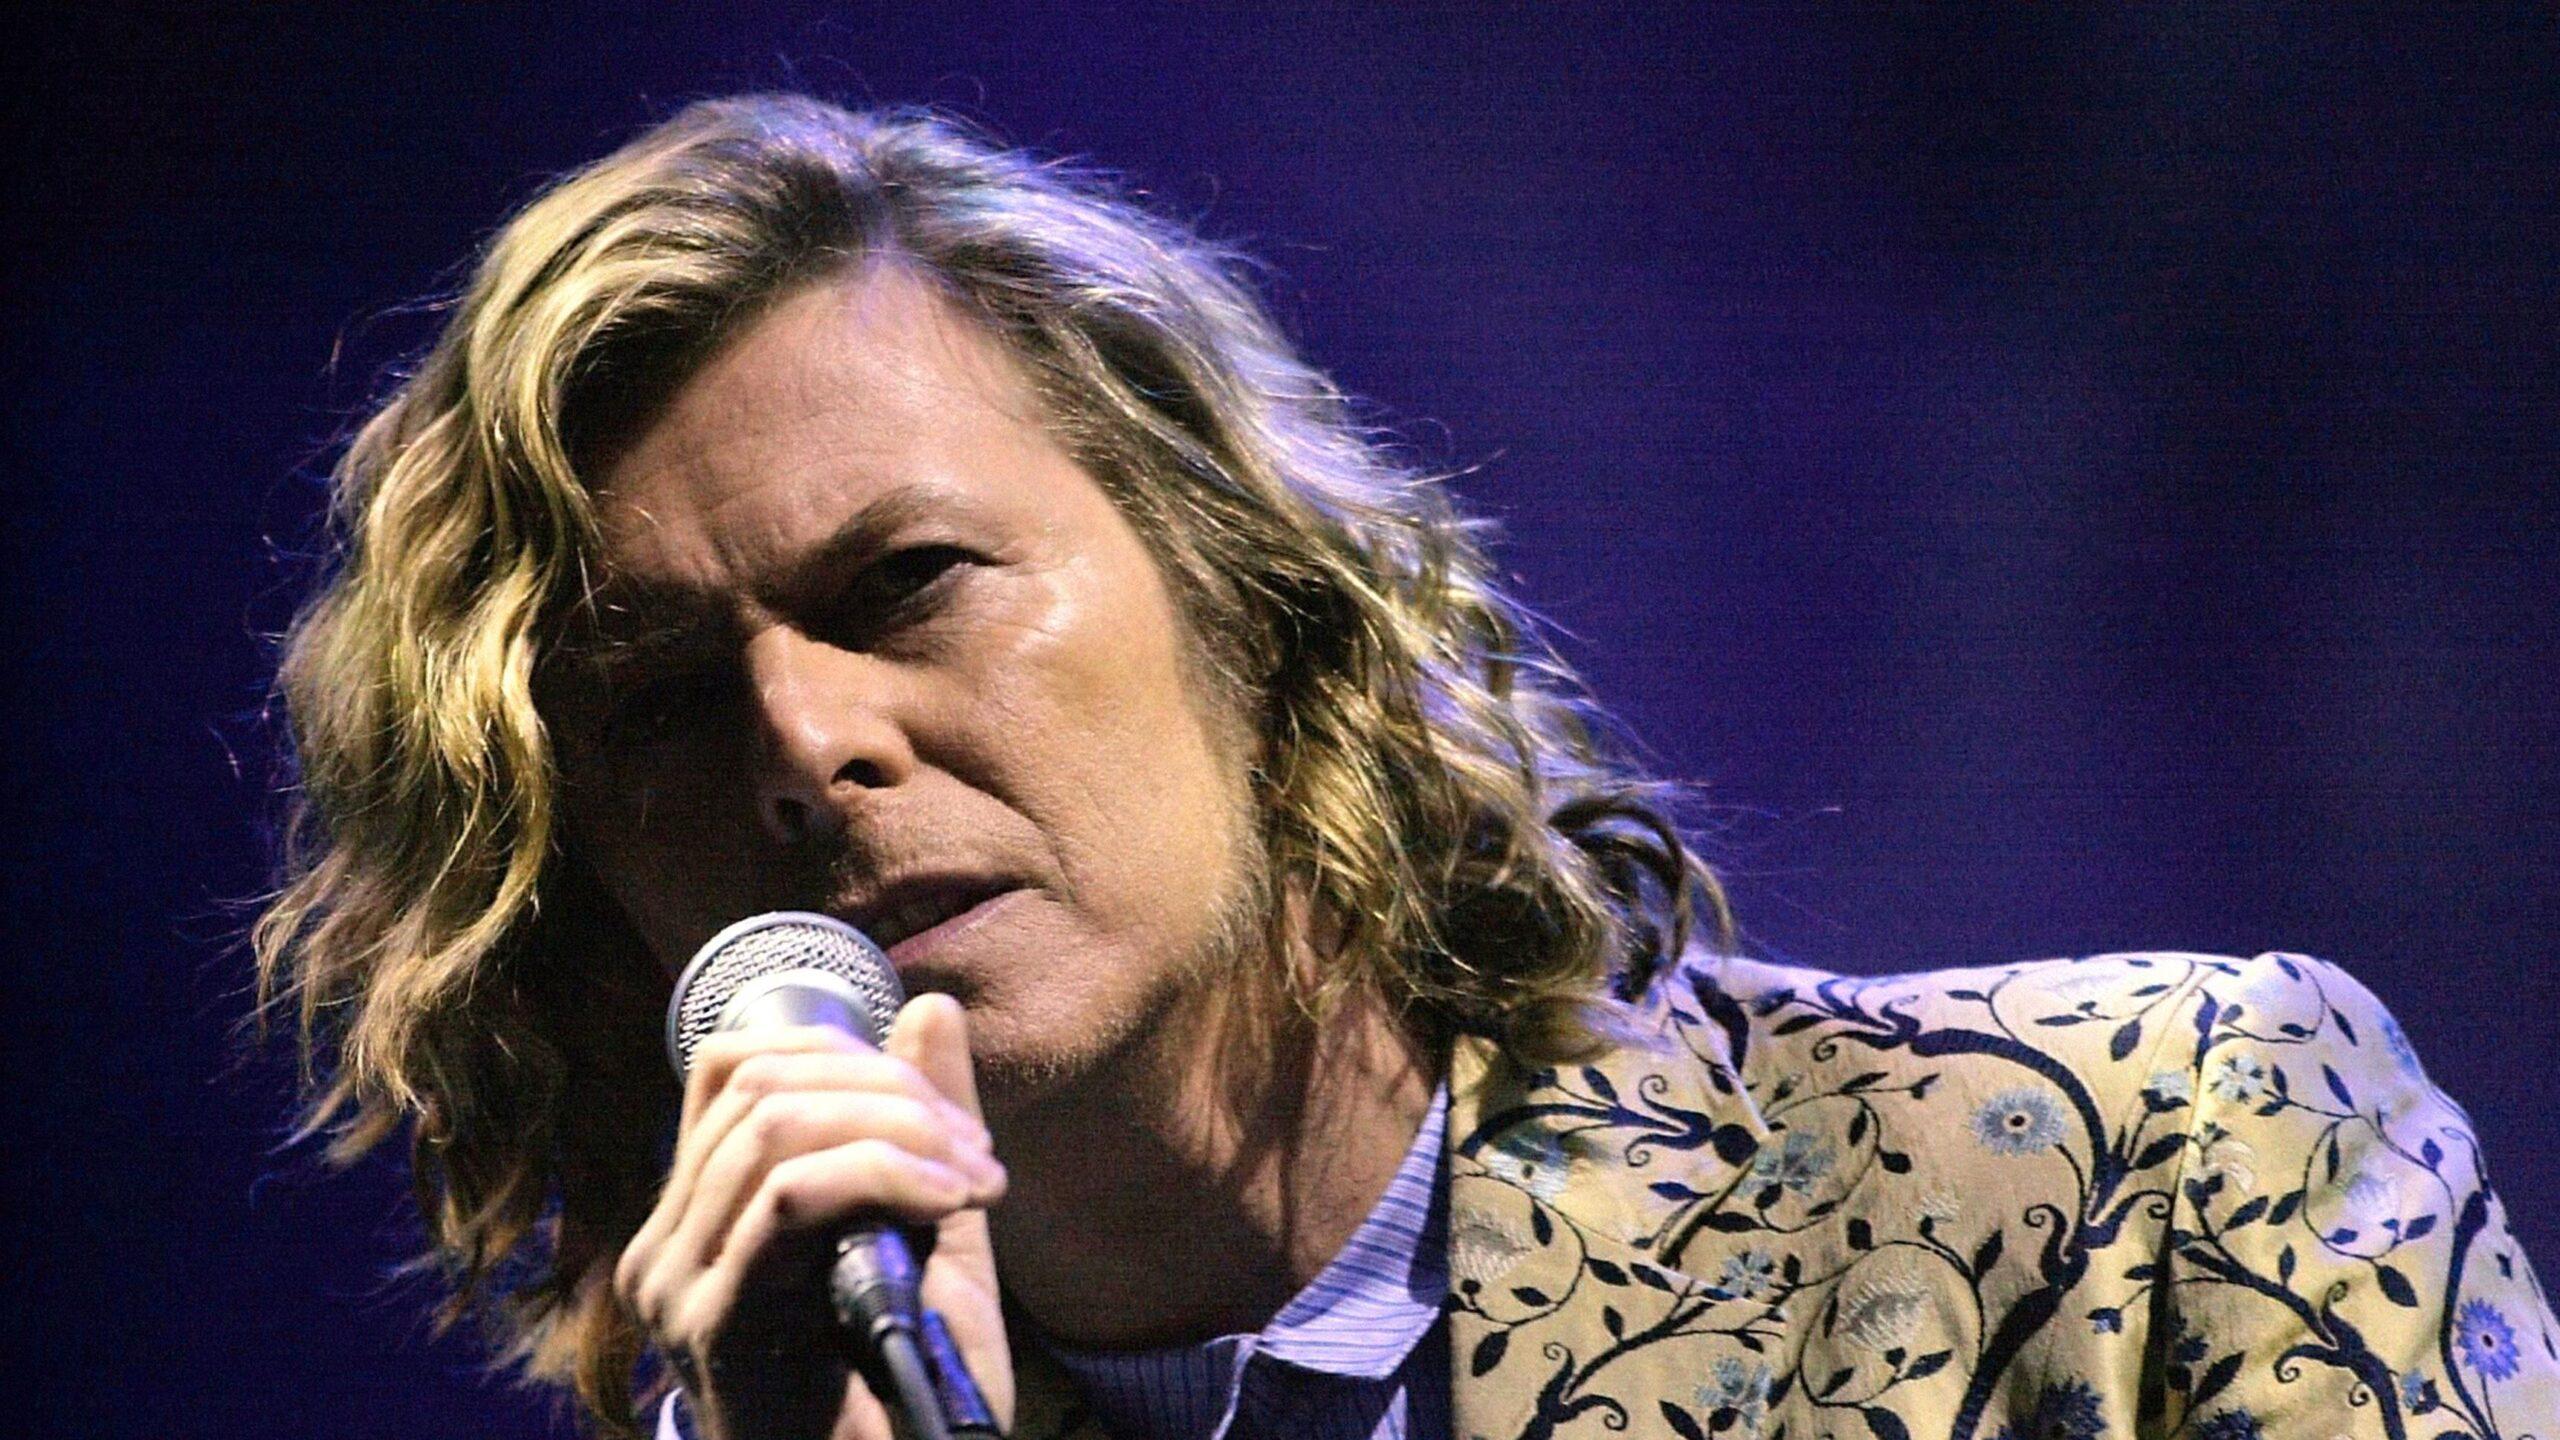 Glastonbury 2000 with David Bowie